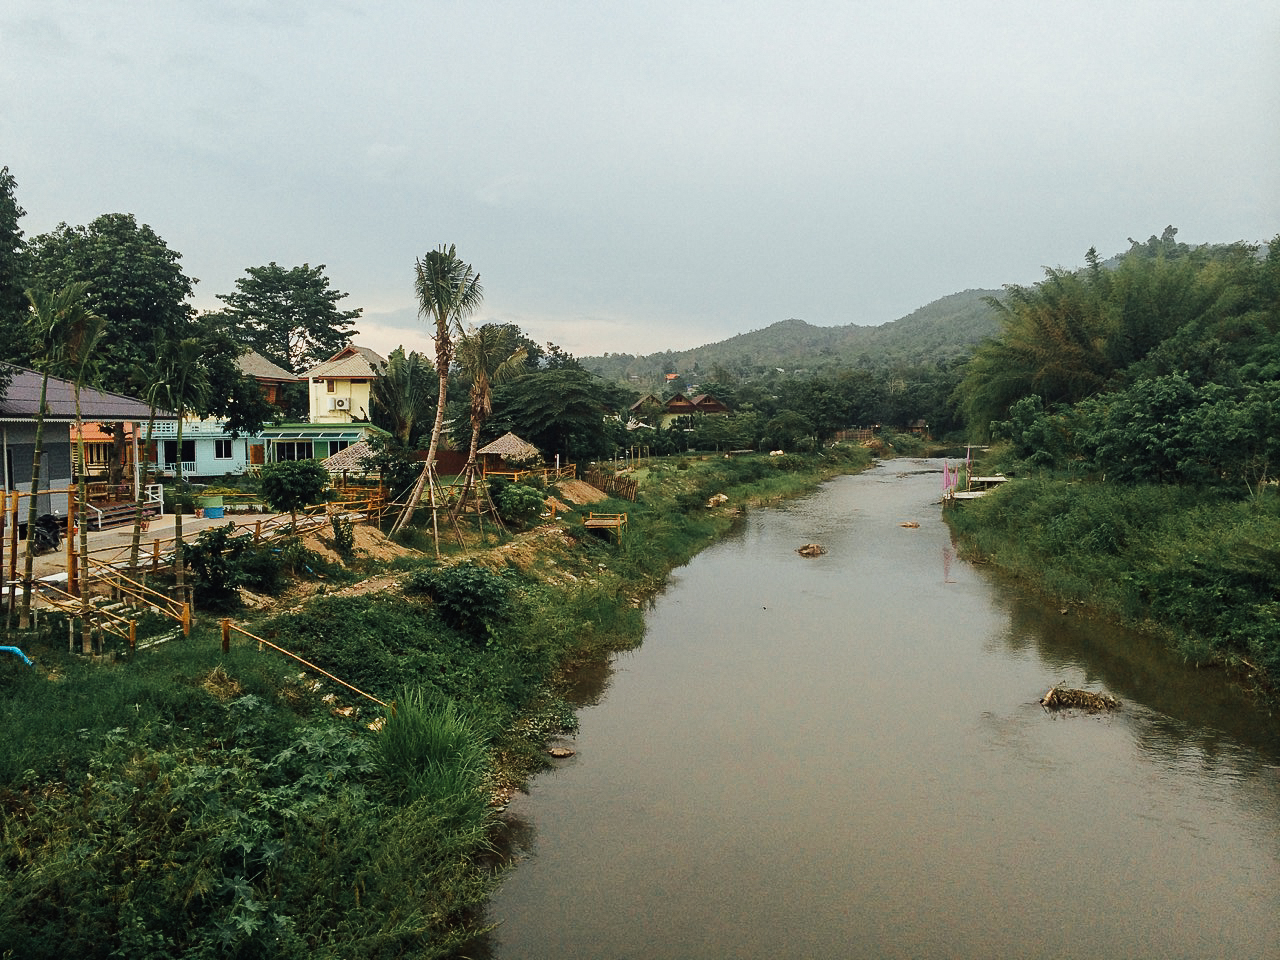 Путешествие по Таиланду, Пай: Домики у реки